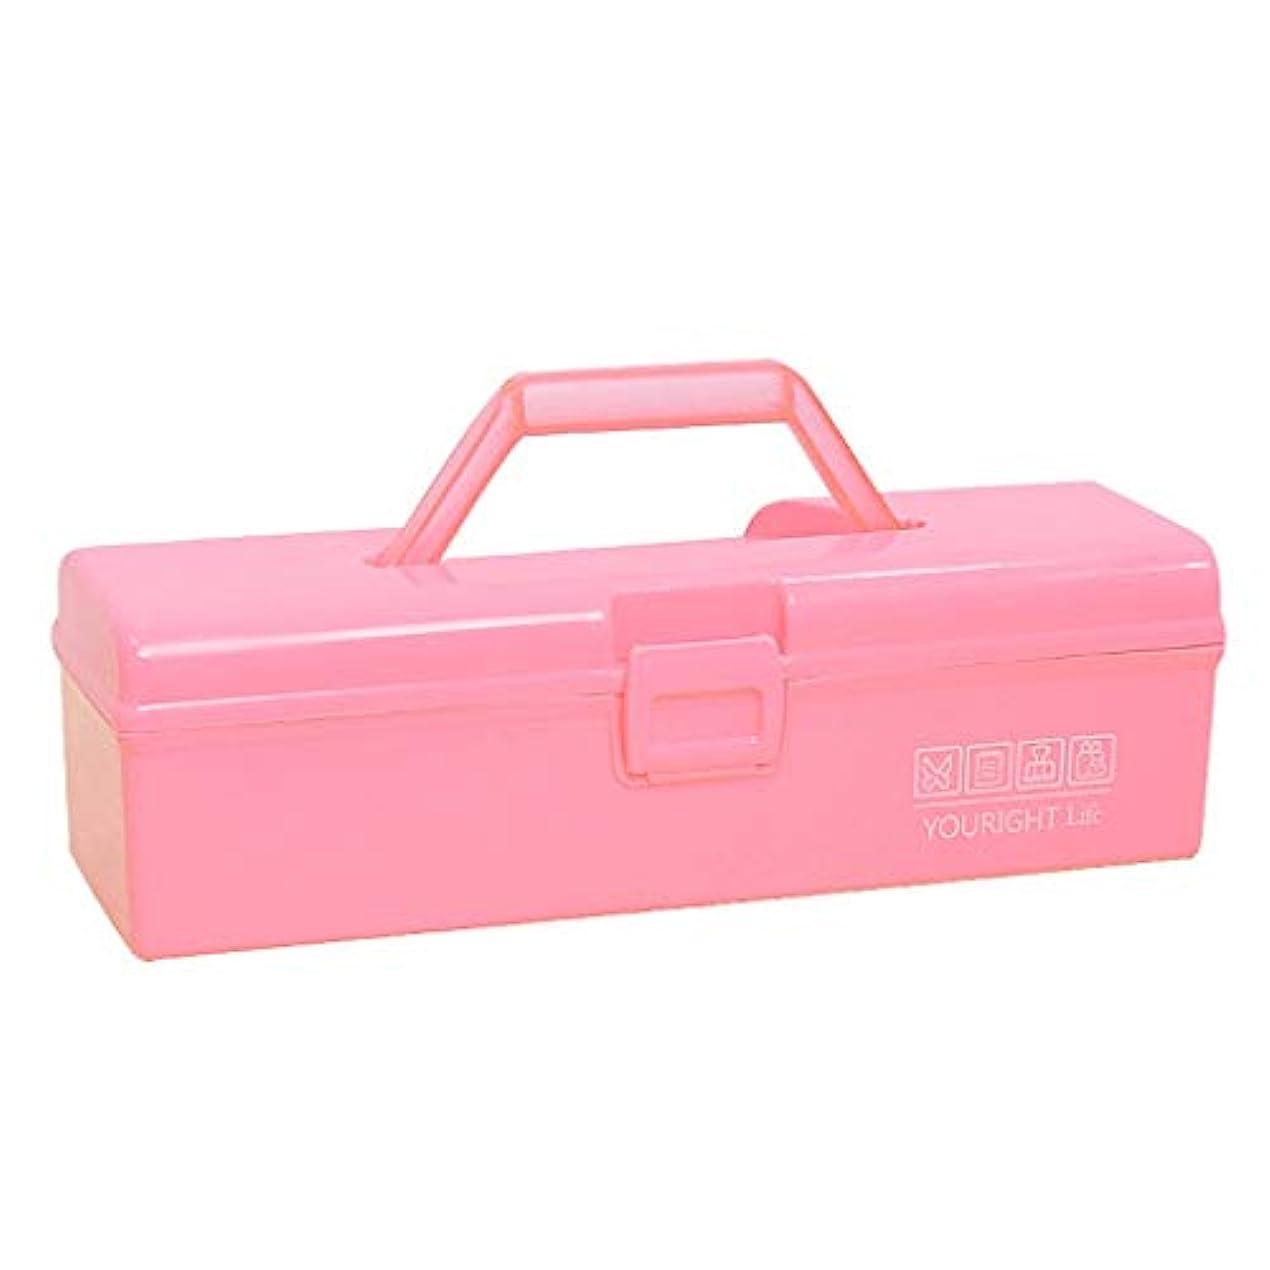 カラーベルトハンドル収納ボックス薬箱ツールボックス収納ボックス LIUXIN (Color : Pink, Size : 30cm×9cm×9cm)